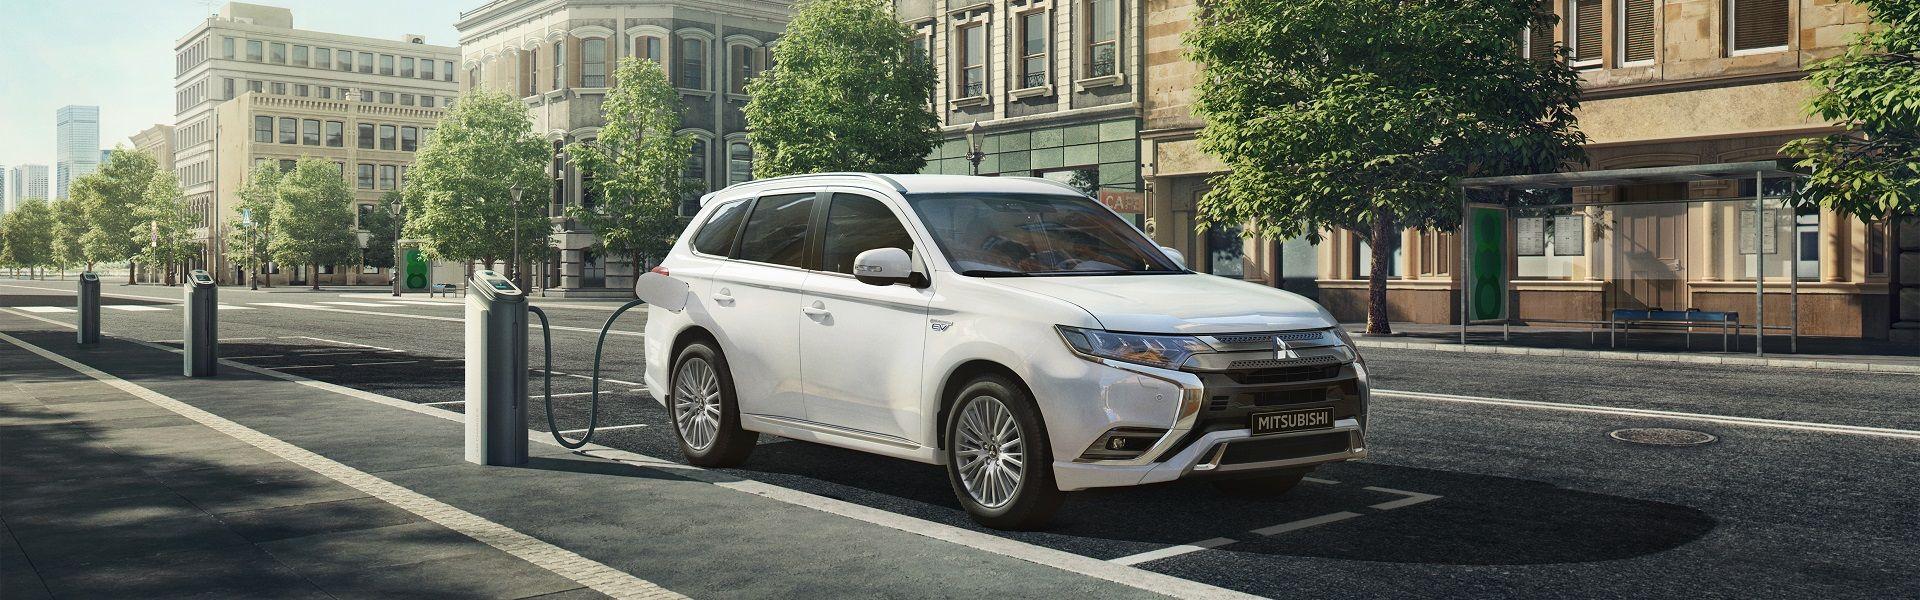 Mitsubishi Outlander PHEV RESPECTUEUX DE L'ENVIRONNEMENT